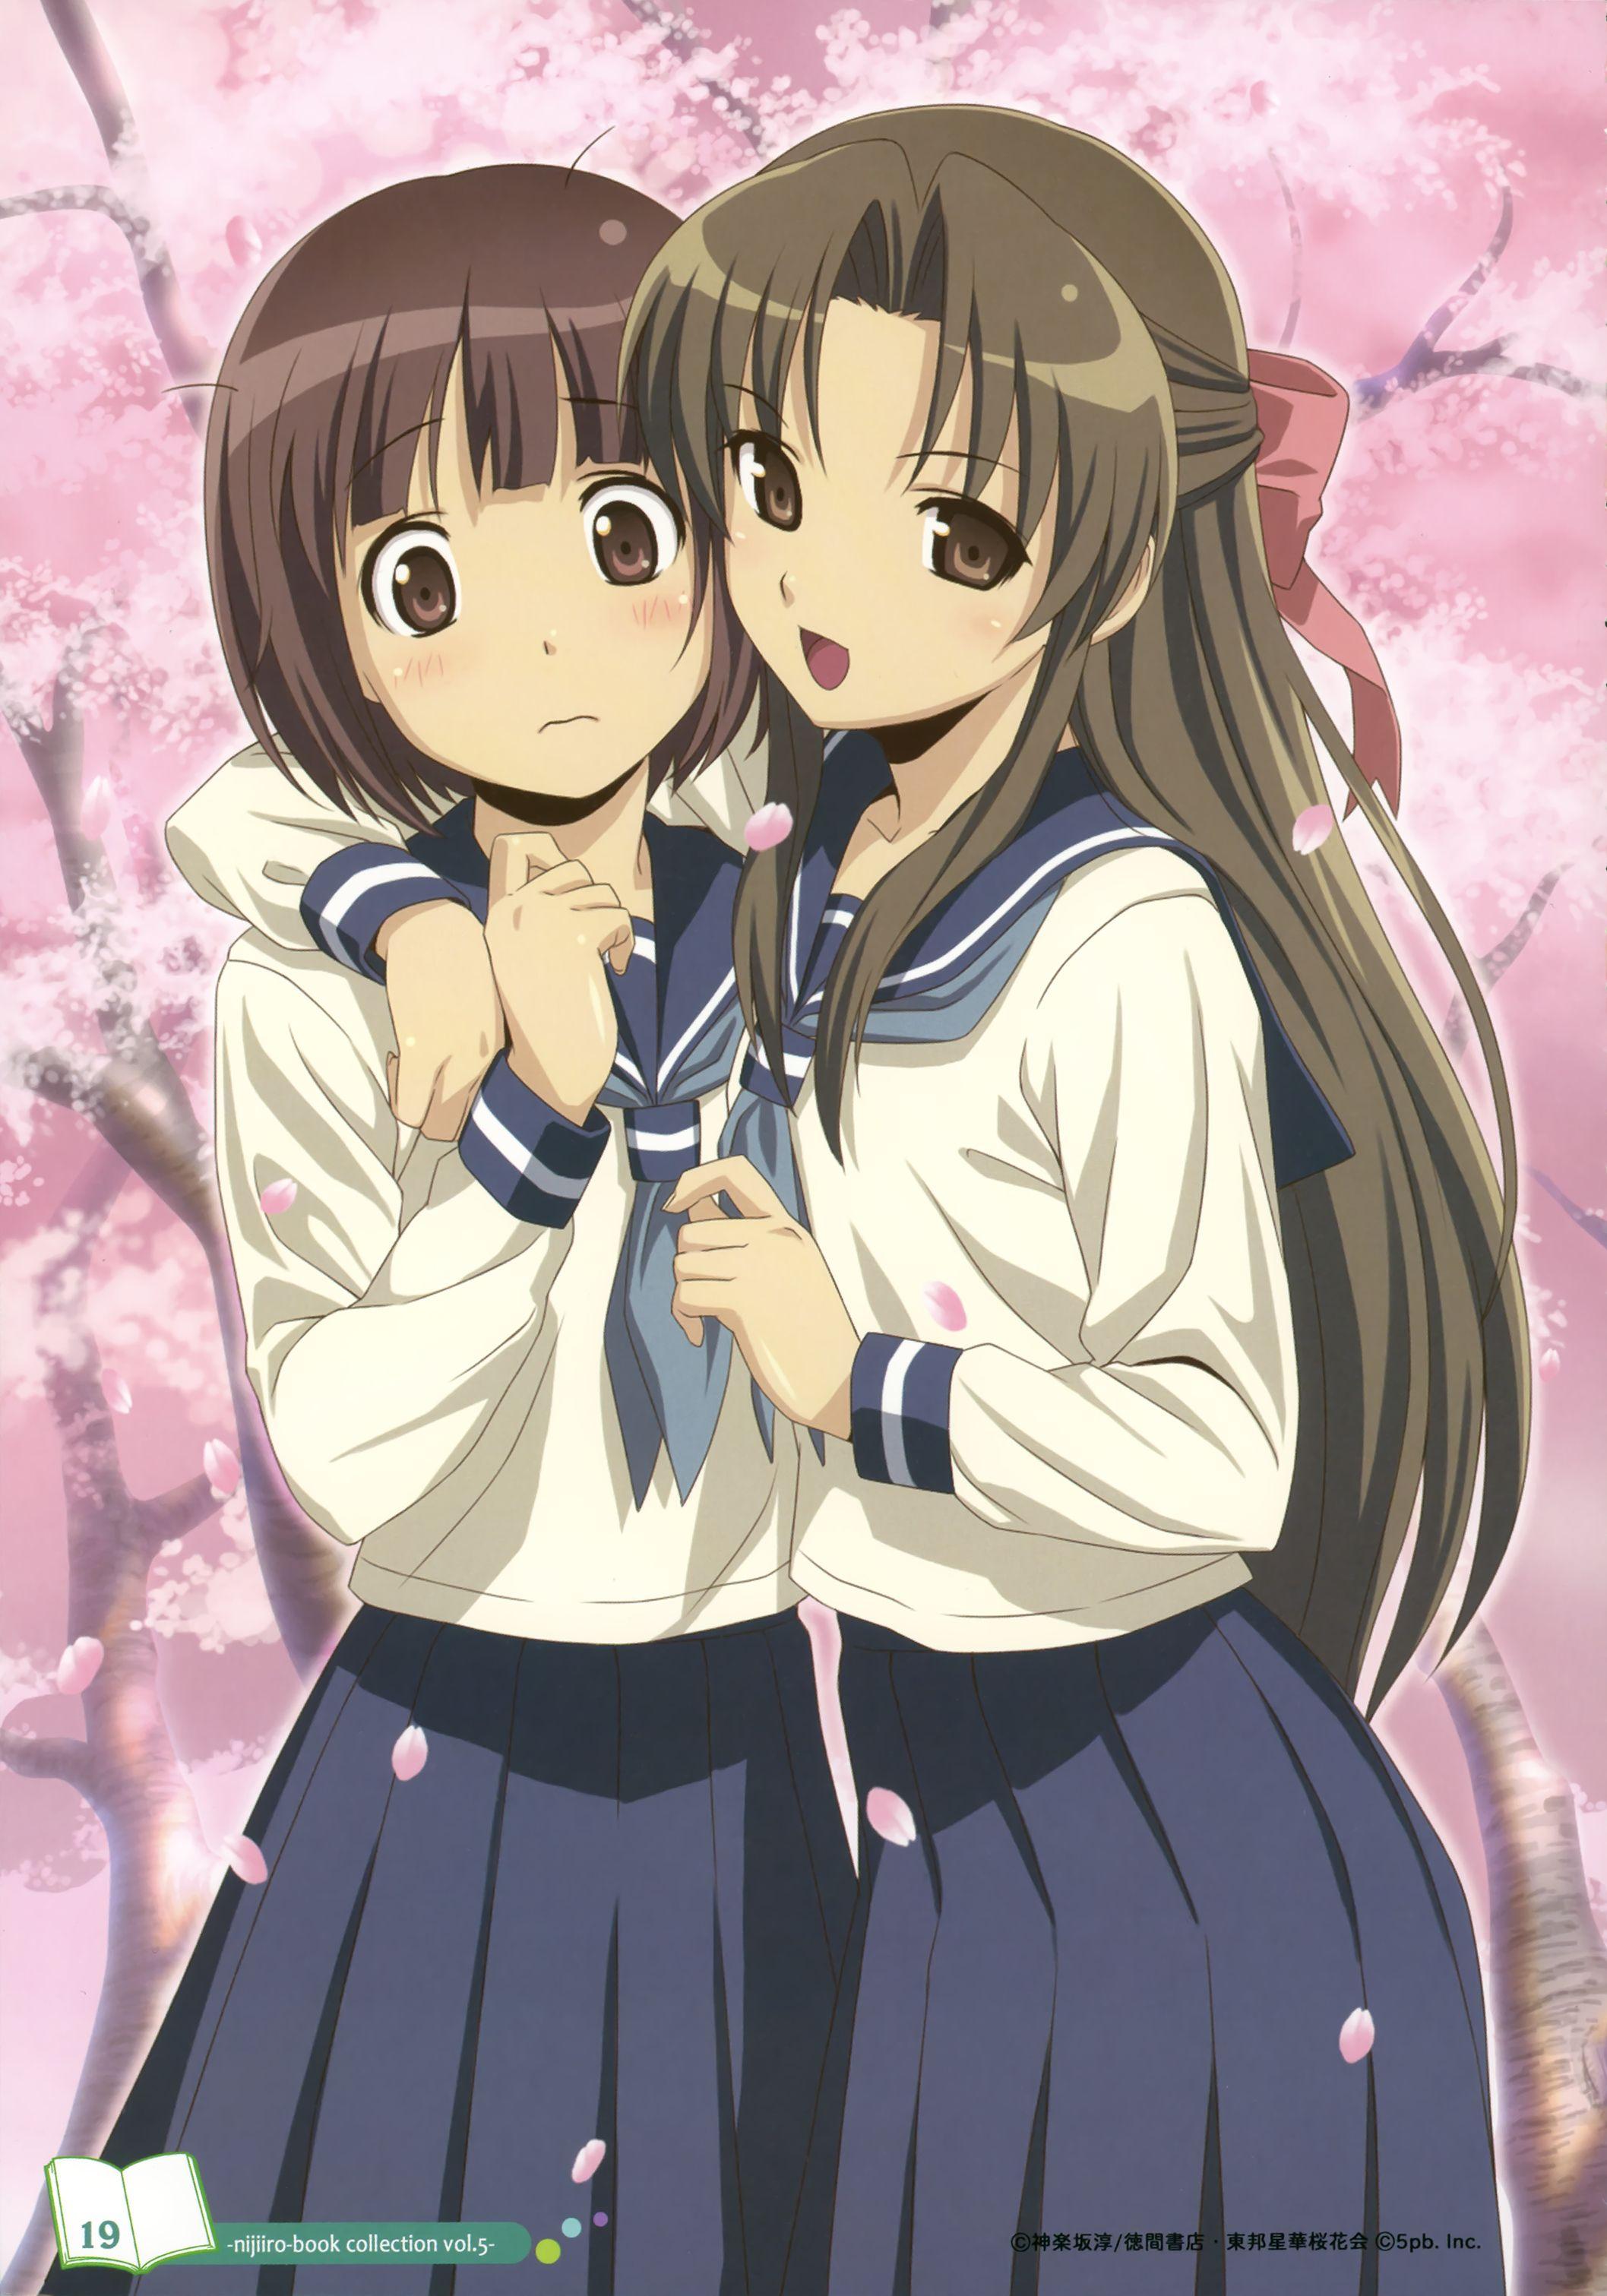 Yuri couple anime